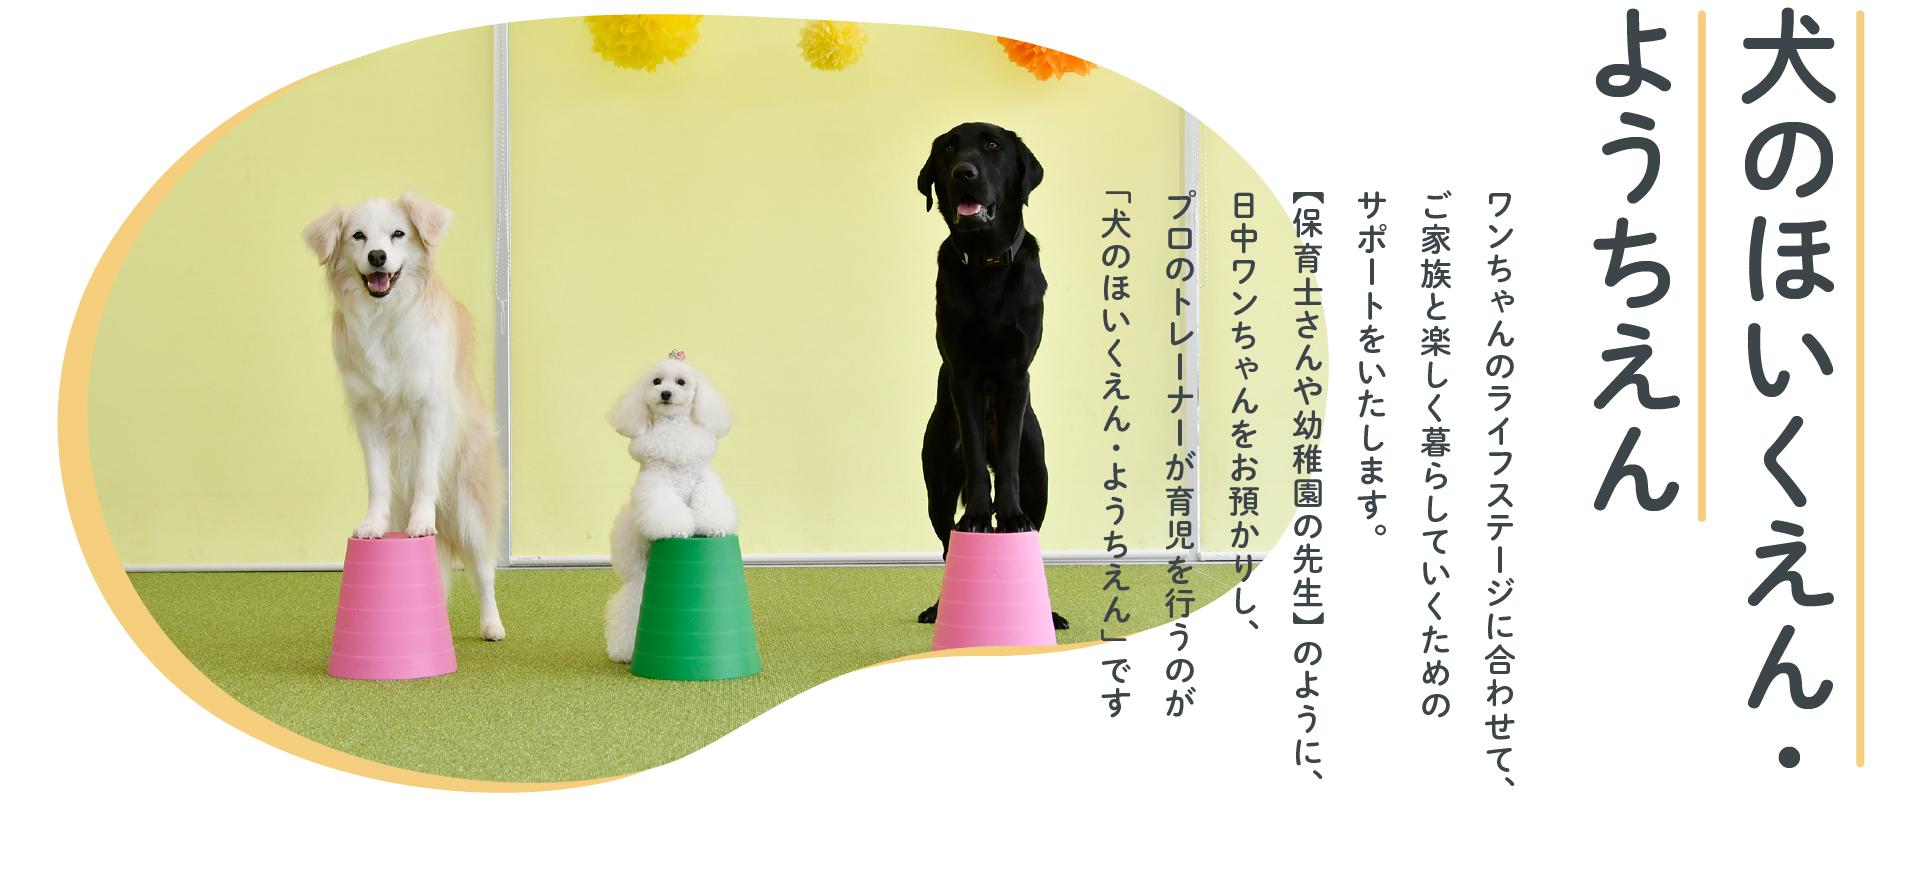 犬のほいくえん・ようちえん ワンちゃんのライフステージに合わせて、ご家族と楽しく暮らしていくためのサポートをいたします。【保育士さんや幼稚園の先生】のように、日中ワンちゃんをお預かりし、プロのトレーナーが育児を行うのが「犬のほいくえん・ようちえん」です